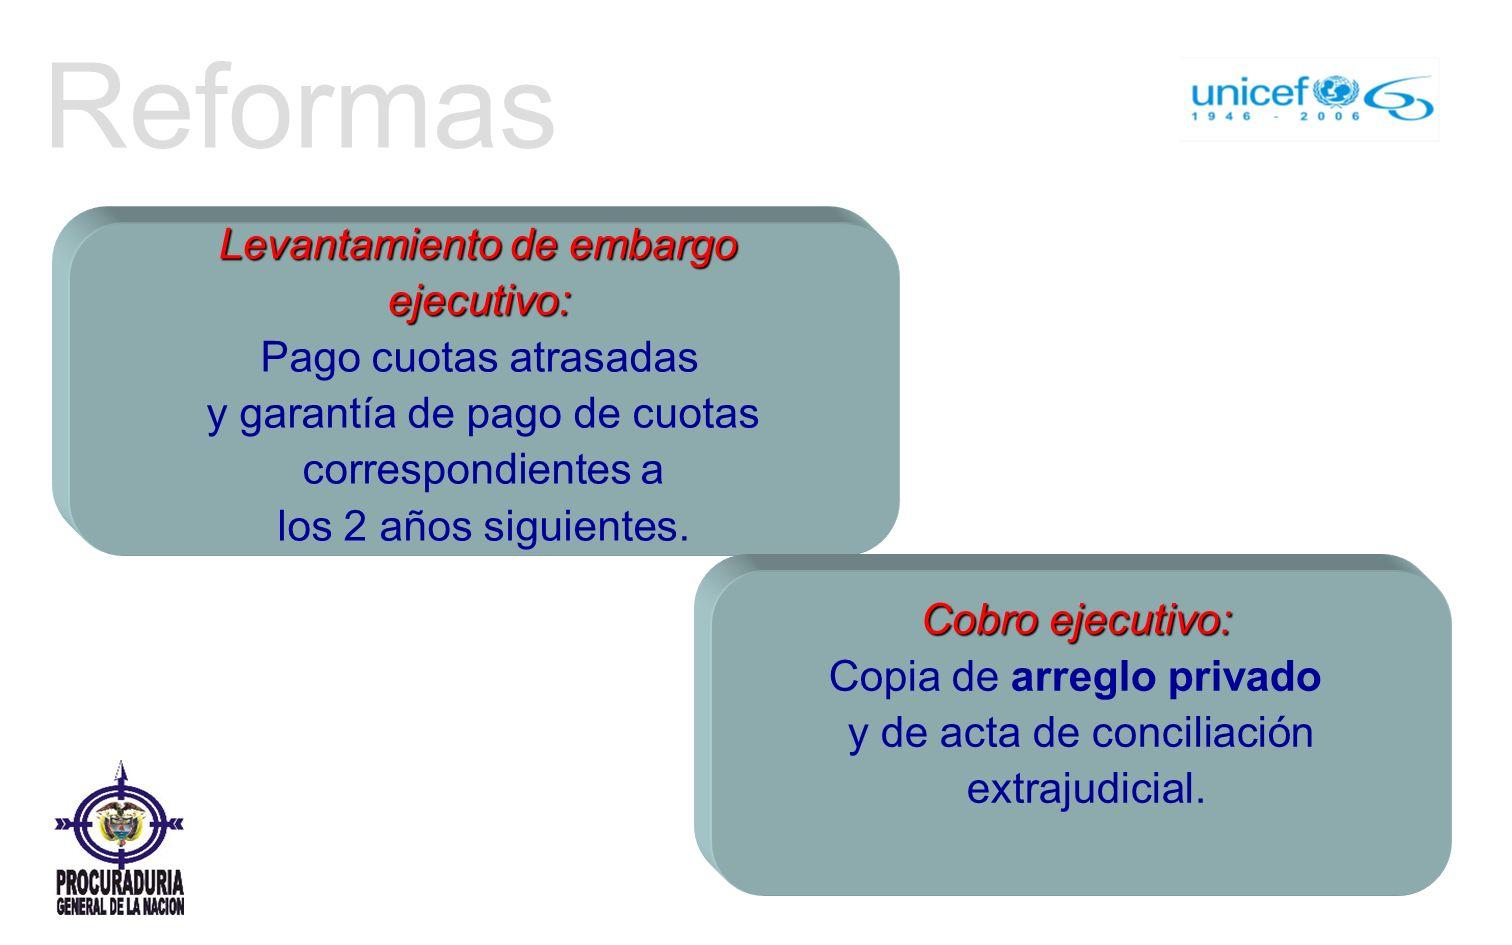 Reformas Levantamiento de embargo ejecutivo: Pago cuotas atrasadas